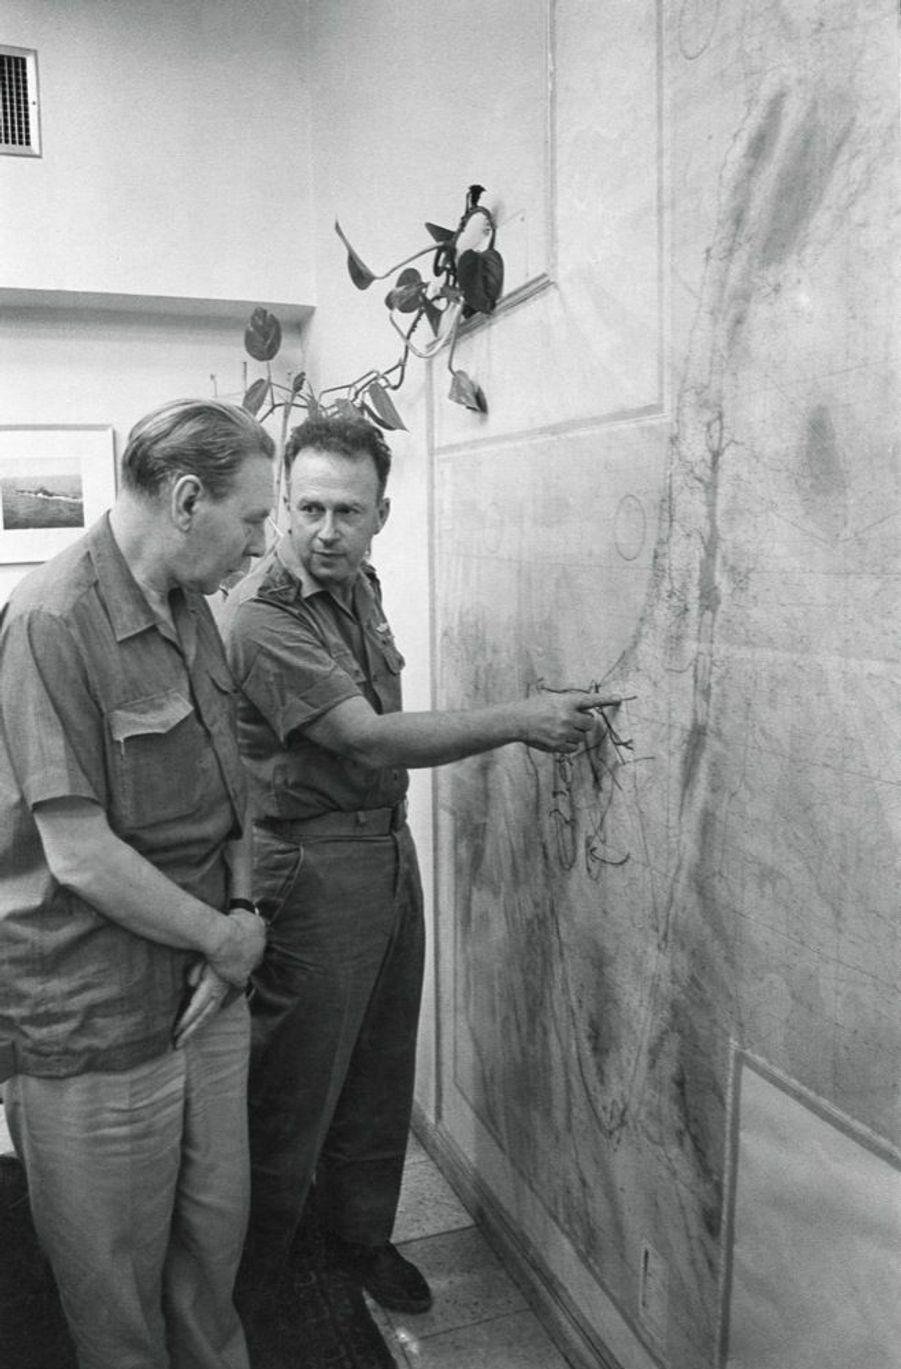 Yitzhak Rabin, chef d'état-major général de l'armée israélienne, s'entretient dans son bureau de Tel-Aviv avec le général français André Beaufre, lors de la guerre des Six Jours, en juin 1967.